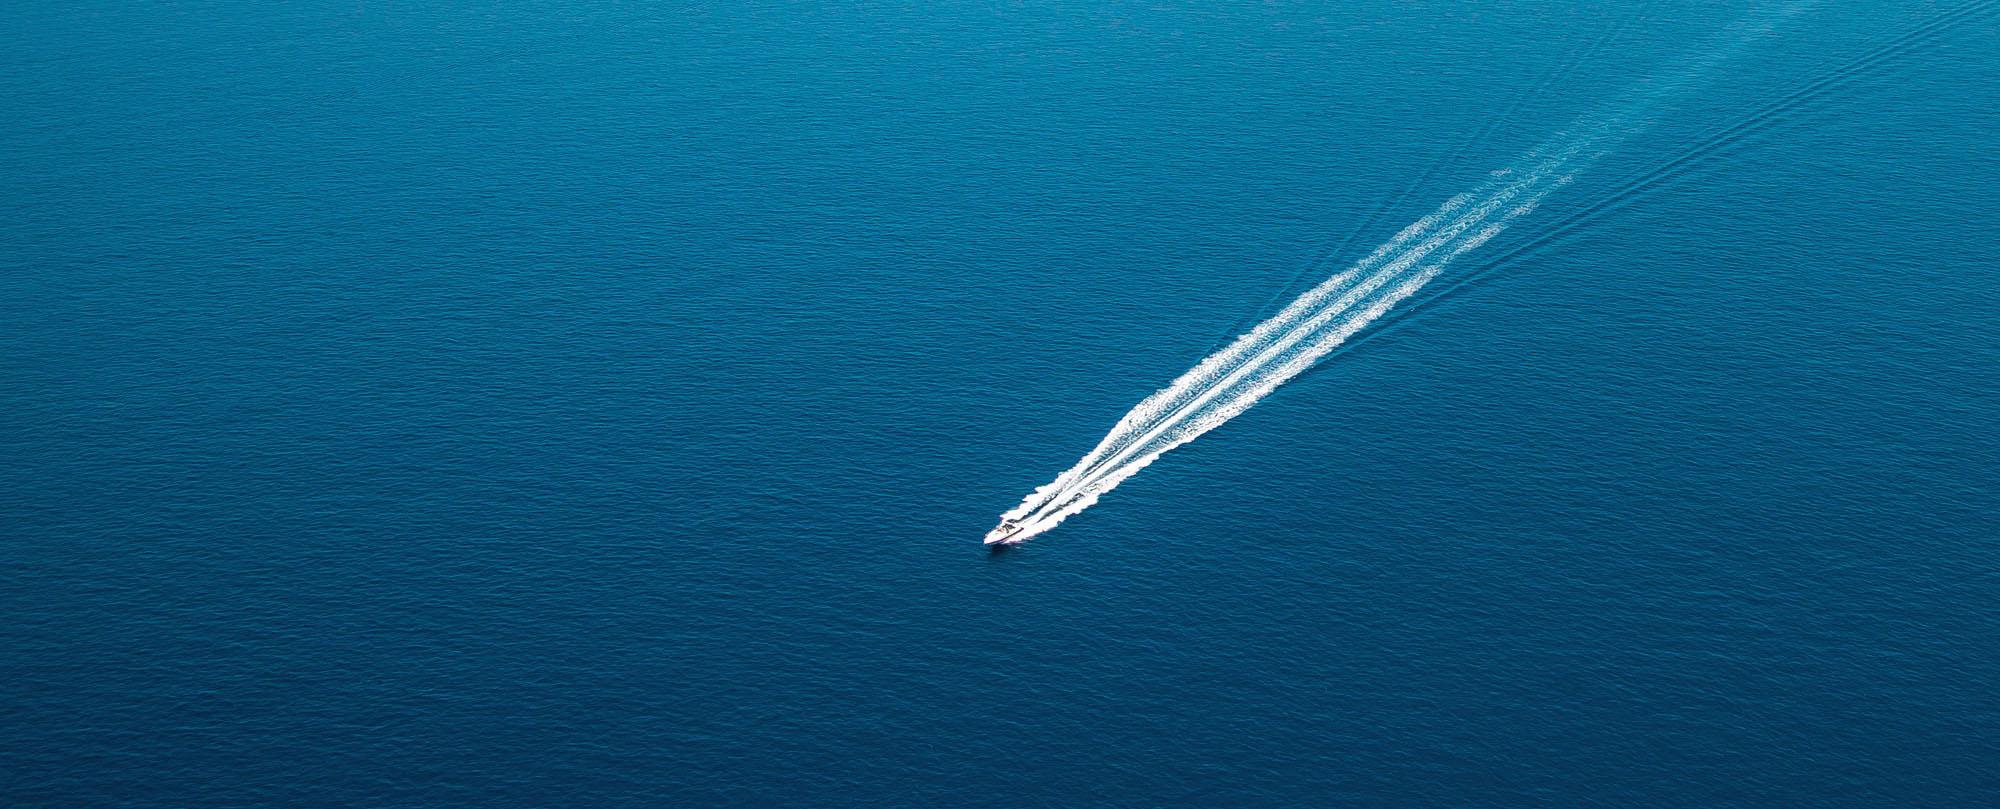 boat navigating the ocean, representing Lunavi